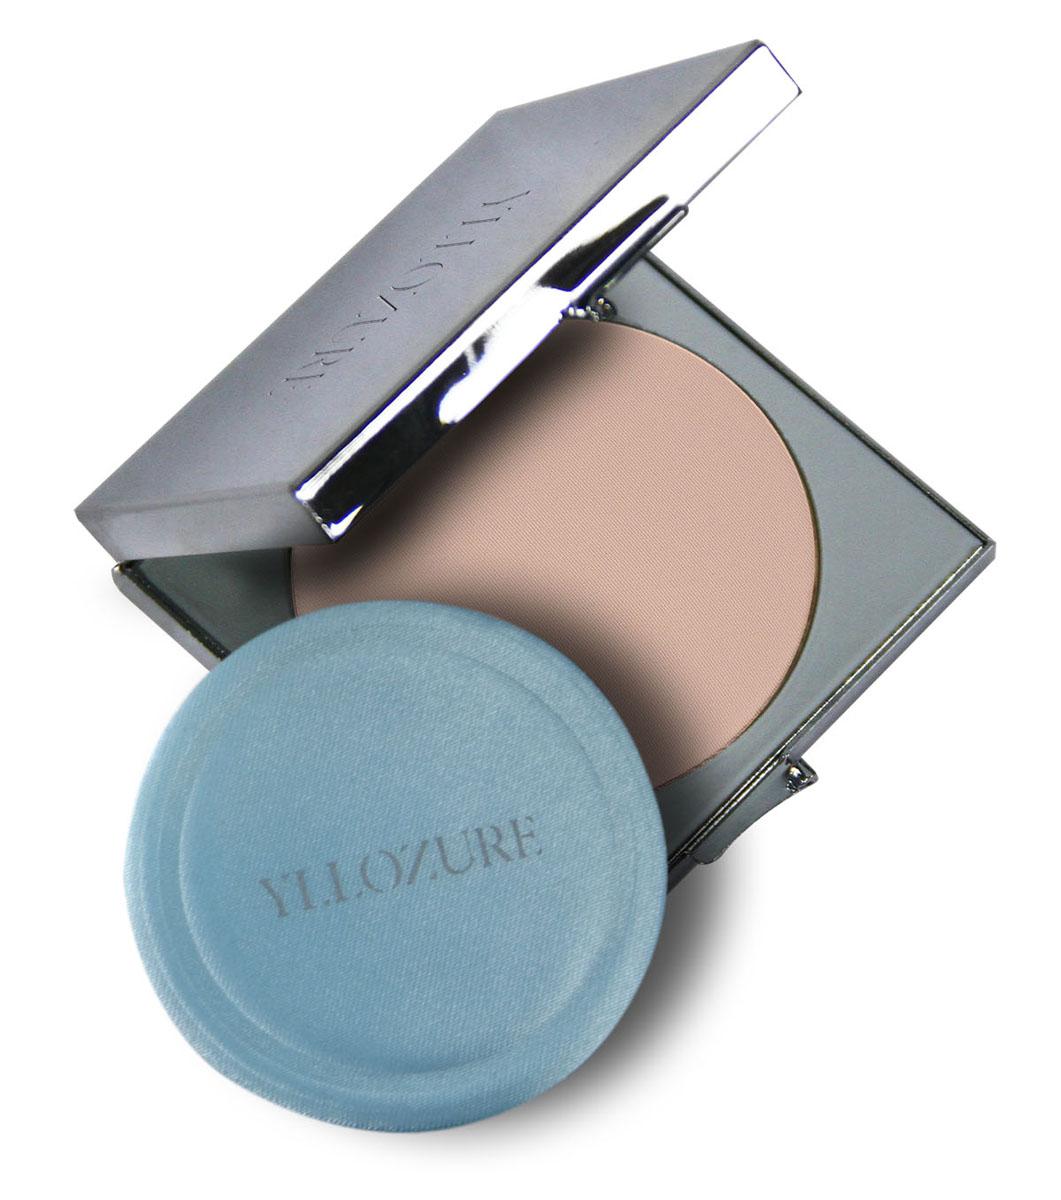 Yllozure Пудра компактная VELOUTEE, тон 01, 10 гр4201Пудра компактная Велутэ - бархатная кожа, обладает нежной, бархатистой структурой, обеспечивающей легко нанесение и великолепное покрытие, надежно и качественно скрывающее пигментацию и небольшие недостатки кожи.Прессованная пудра имеет в составе комплекс светоотражающих пигментов, которые придают мягкое свечение коже и эффект ее свечения, благодаря способности рассеивать прямые лучи света.Она долго держится, не осыпается, сохраняет привлекательный внешний вид вашей кожи на весь день.Пудра обладает выравнивающими свойствами, маскирует мелкие недостатки, придает коже естественный вид и ровный тон